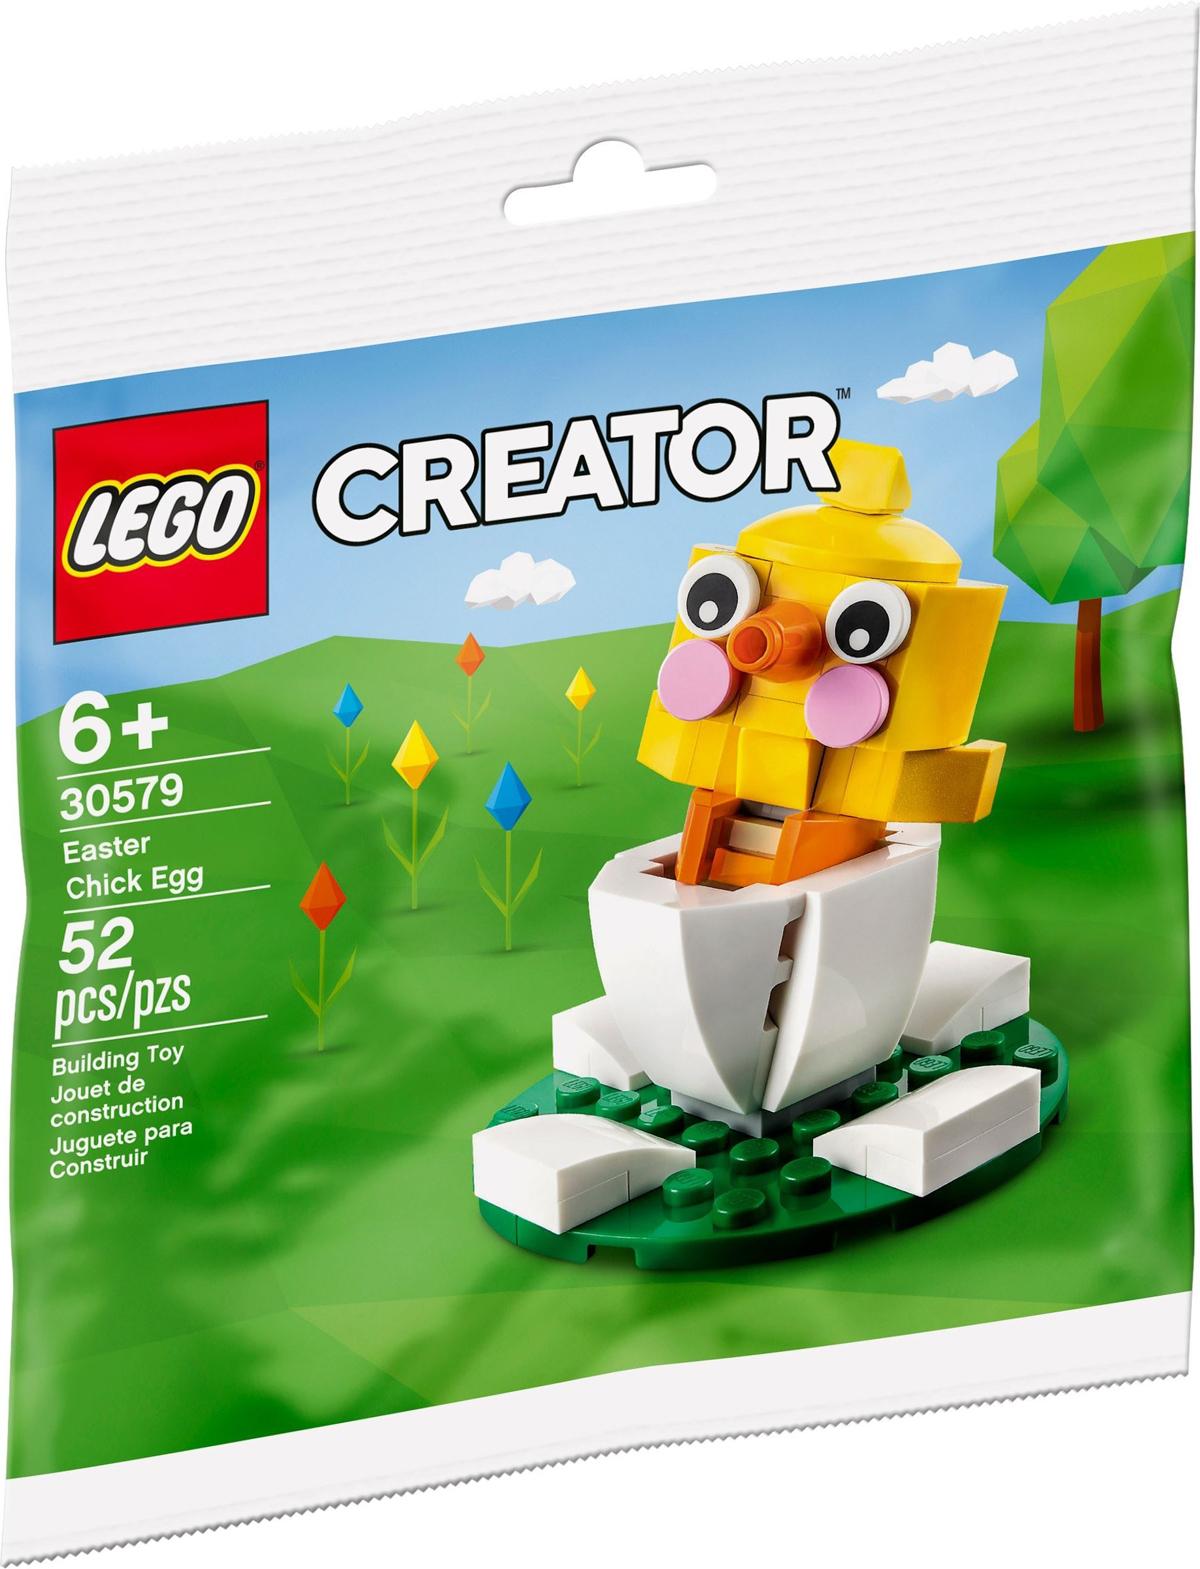 Lego April 2022 Calendar.Lego Store Calendar Archives The Brick Show